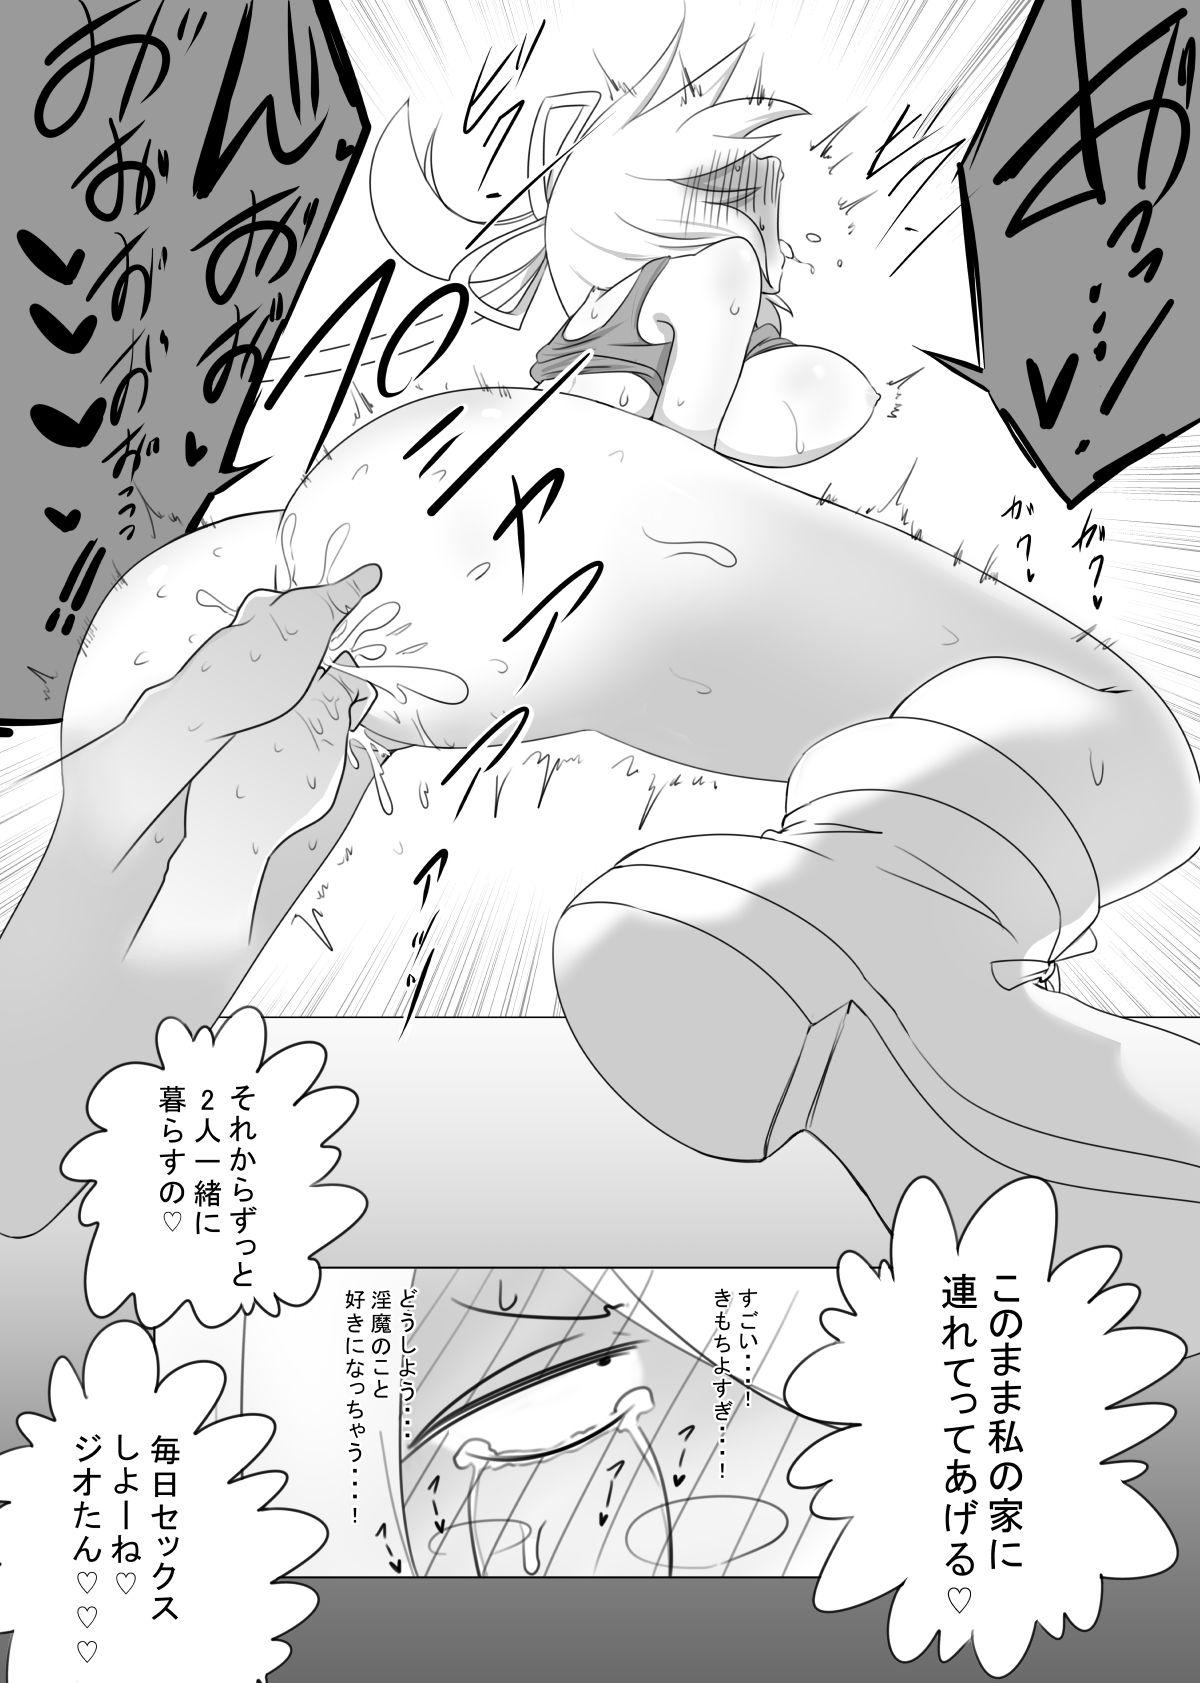 女冒険者が淫魔に捕まった話のサンプル画像10